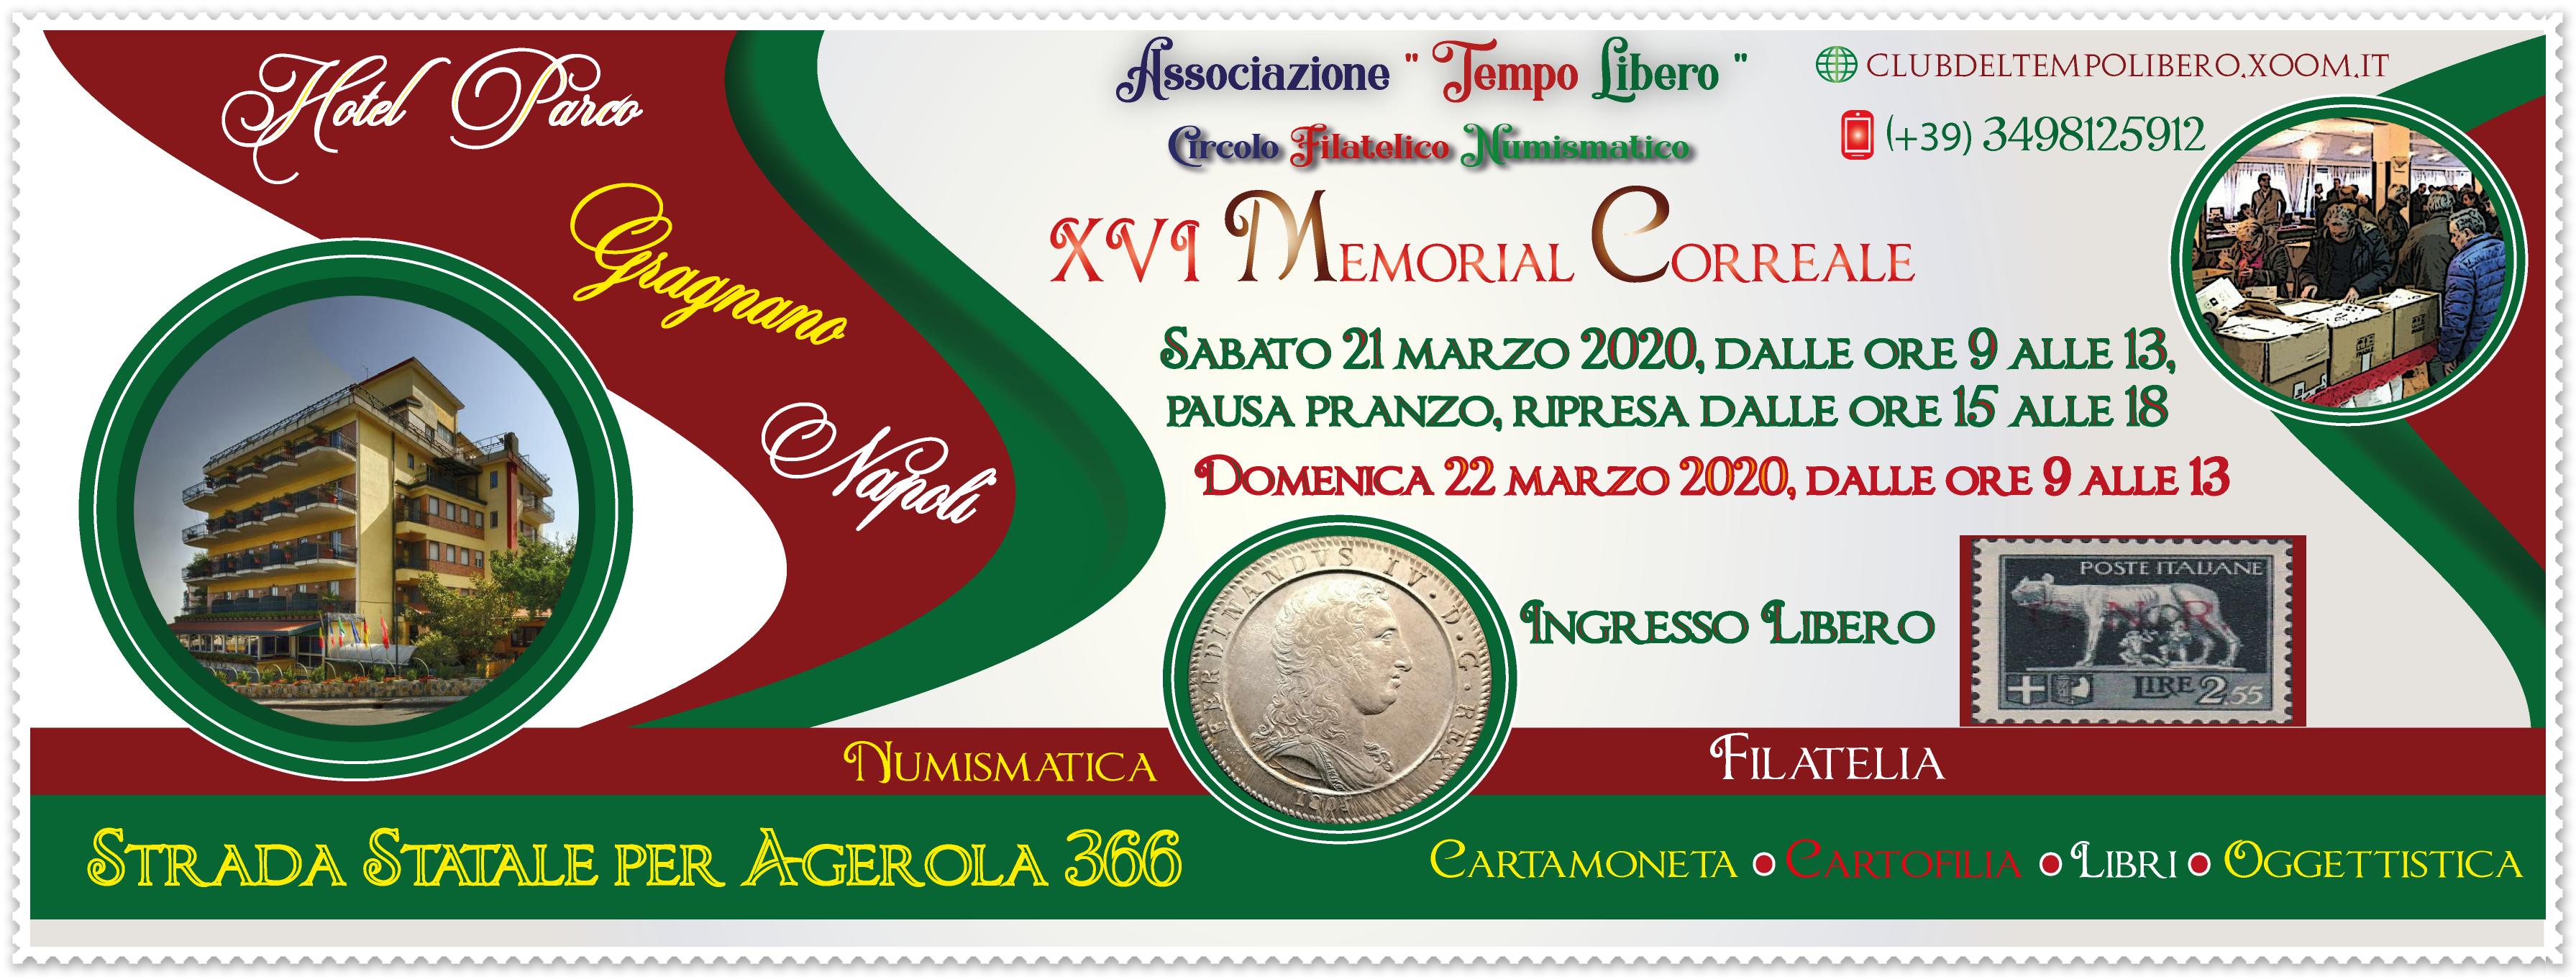 21 e 22 marzo: Collezionismo a Napoli, il Memorial Correale Flyer%20XVI%20Memorial%20Correale-1